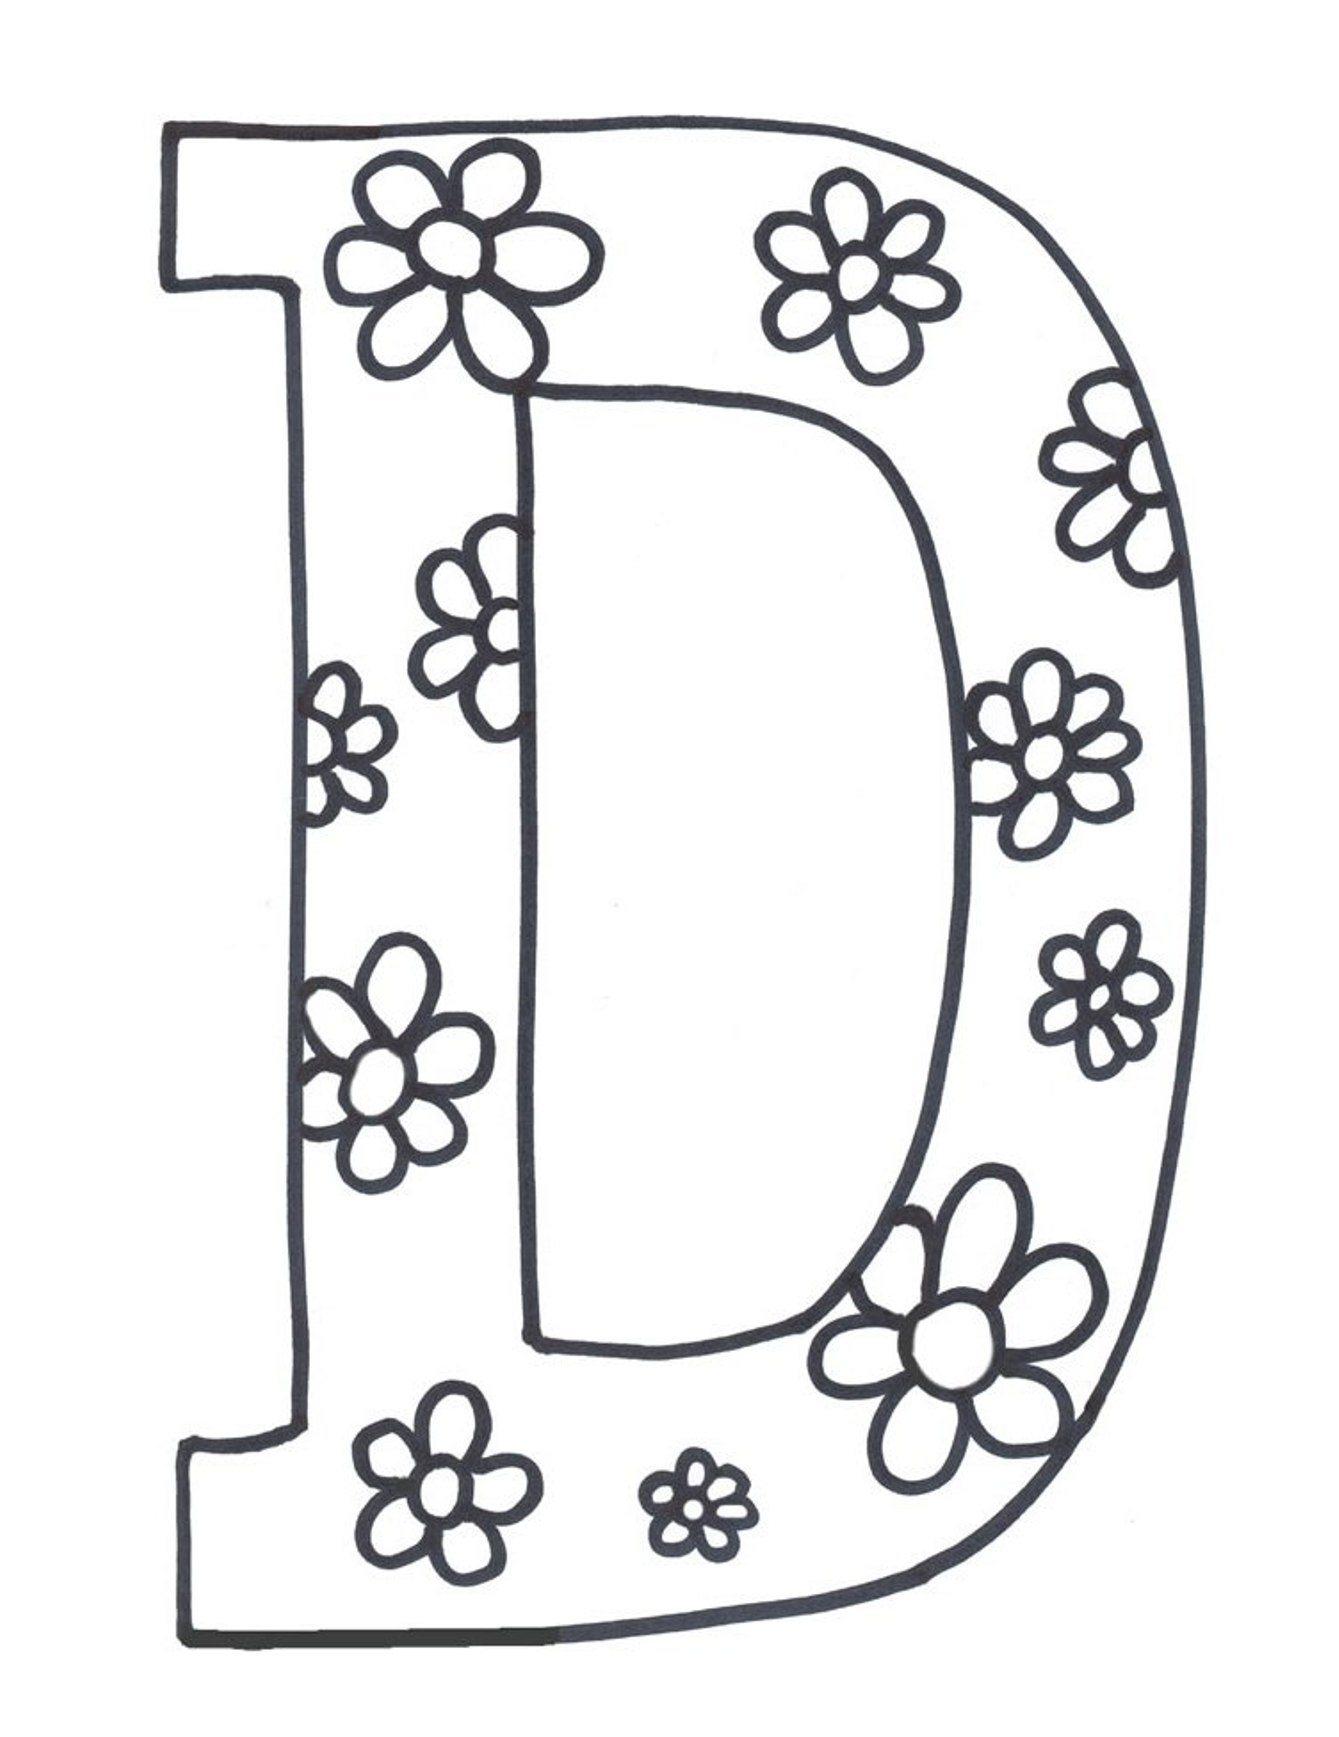 1339x1737 Coloring Pages Letter D Coloring Pages Letter D Letter D Free